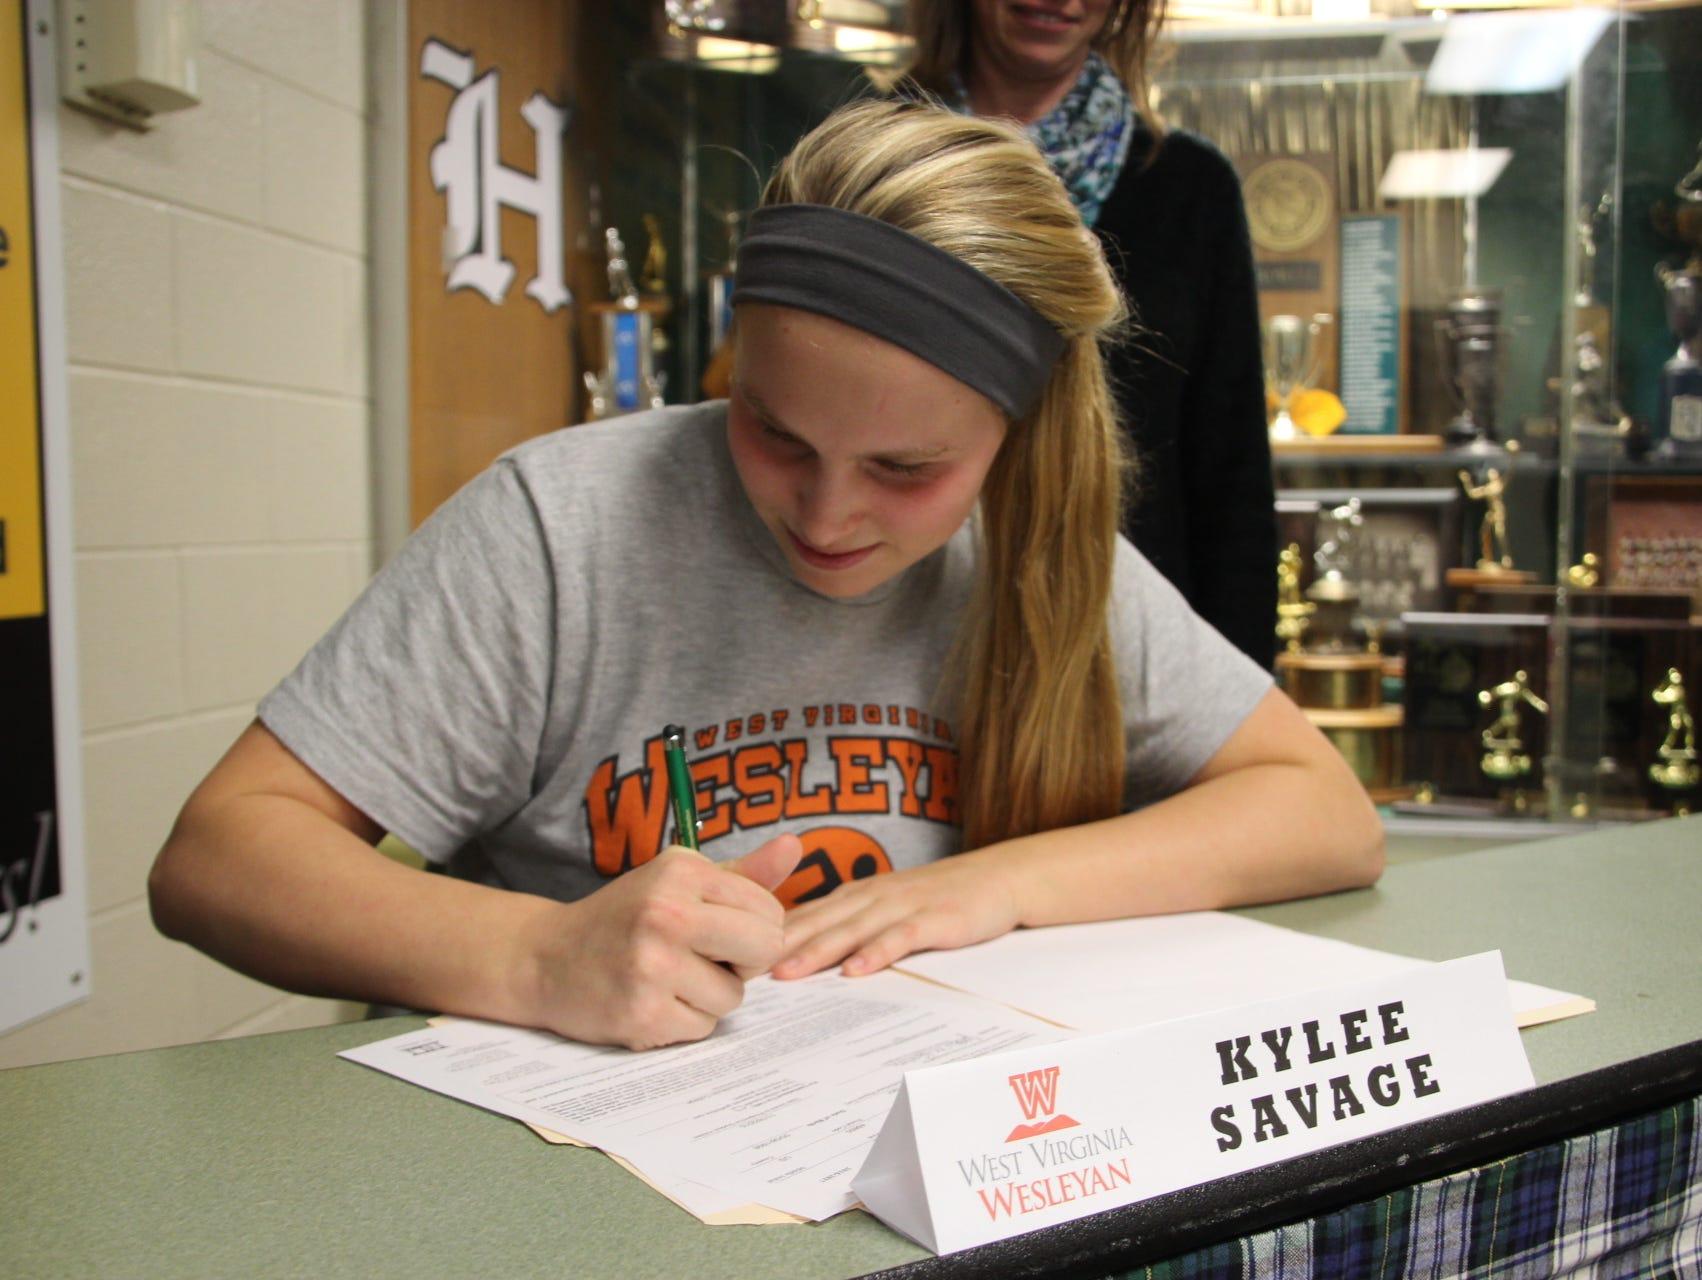 Howell's Kylee Savage will swim next year at West Virginia Wesleyan College.